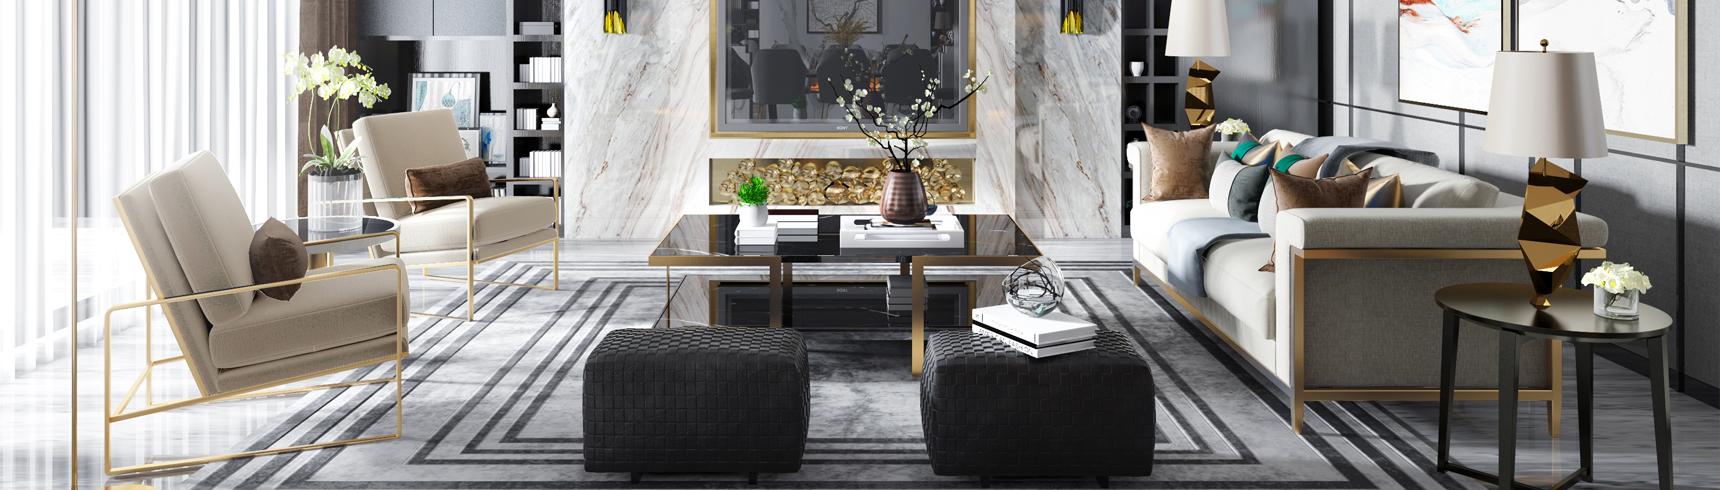 现代客厅 现代餐厅 现代沙发组合3D模型下载